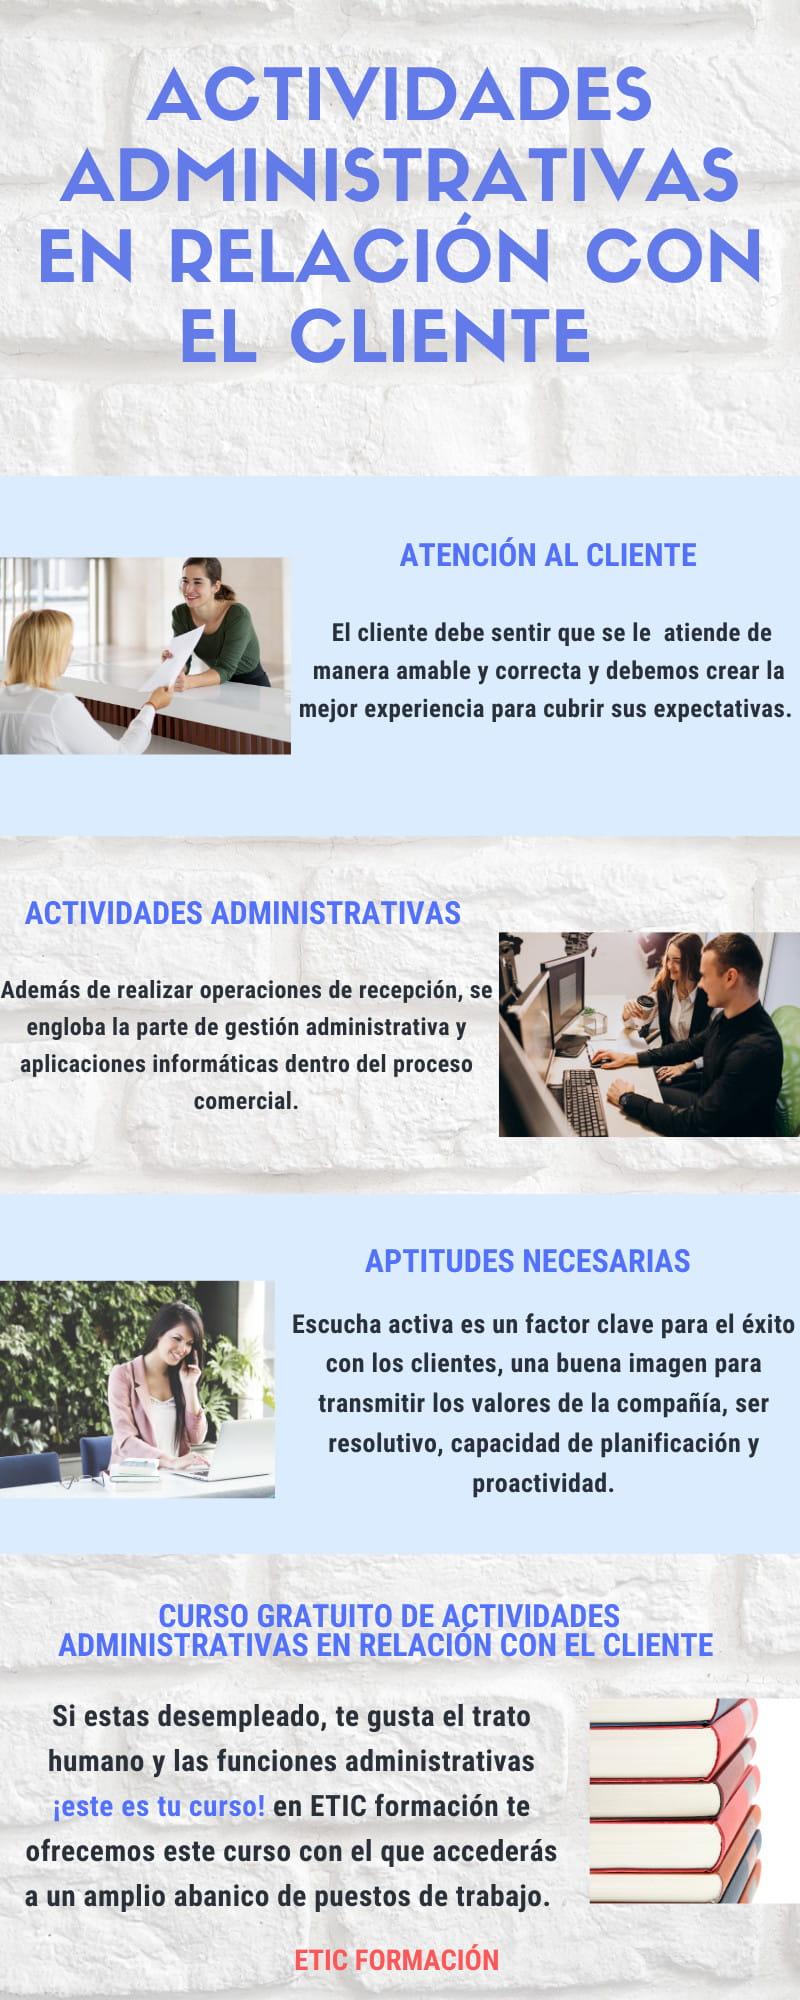 Curso de actividades administrativas en relación con el cliente